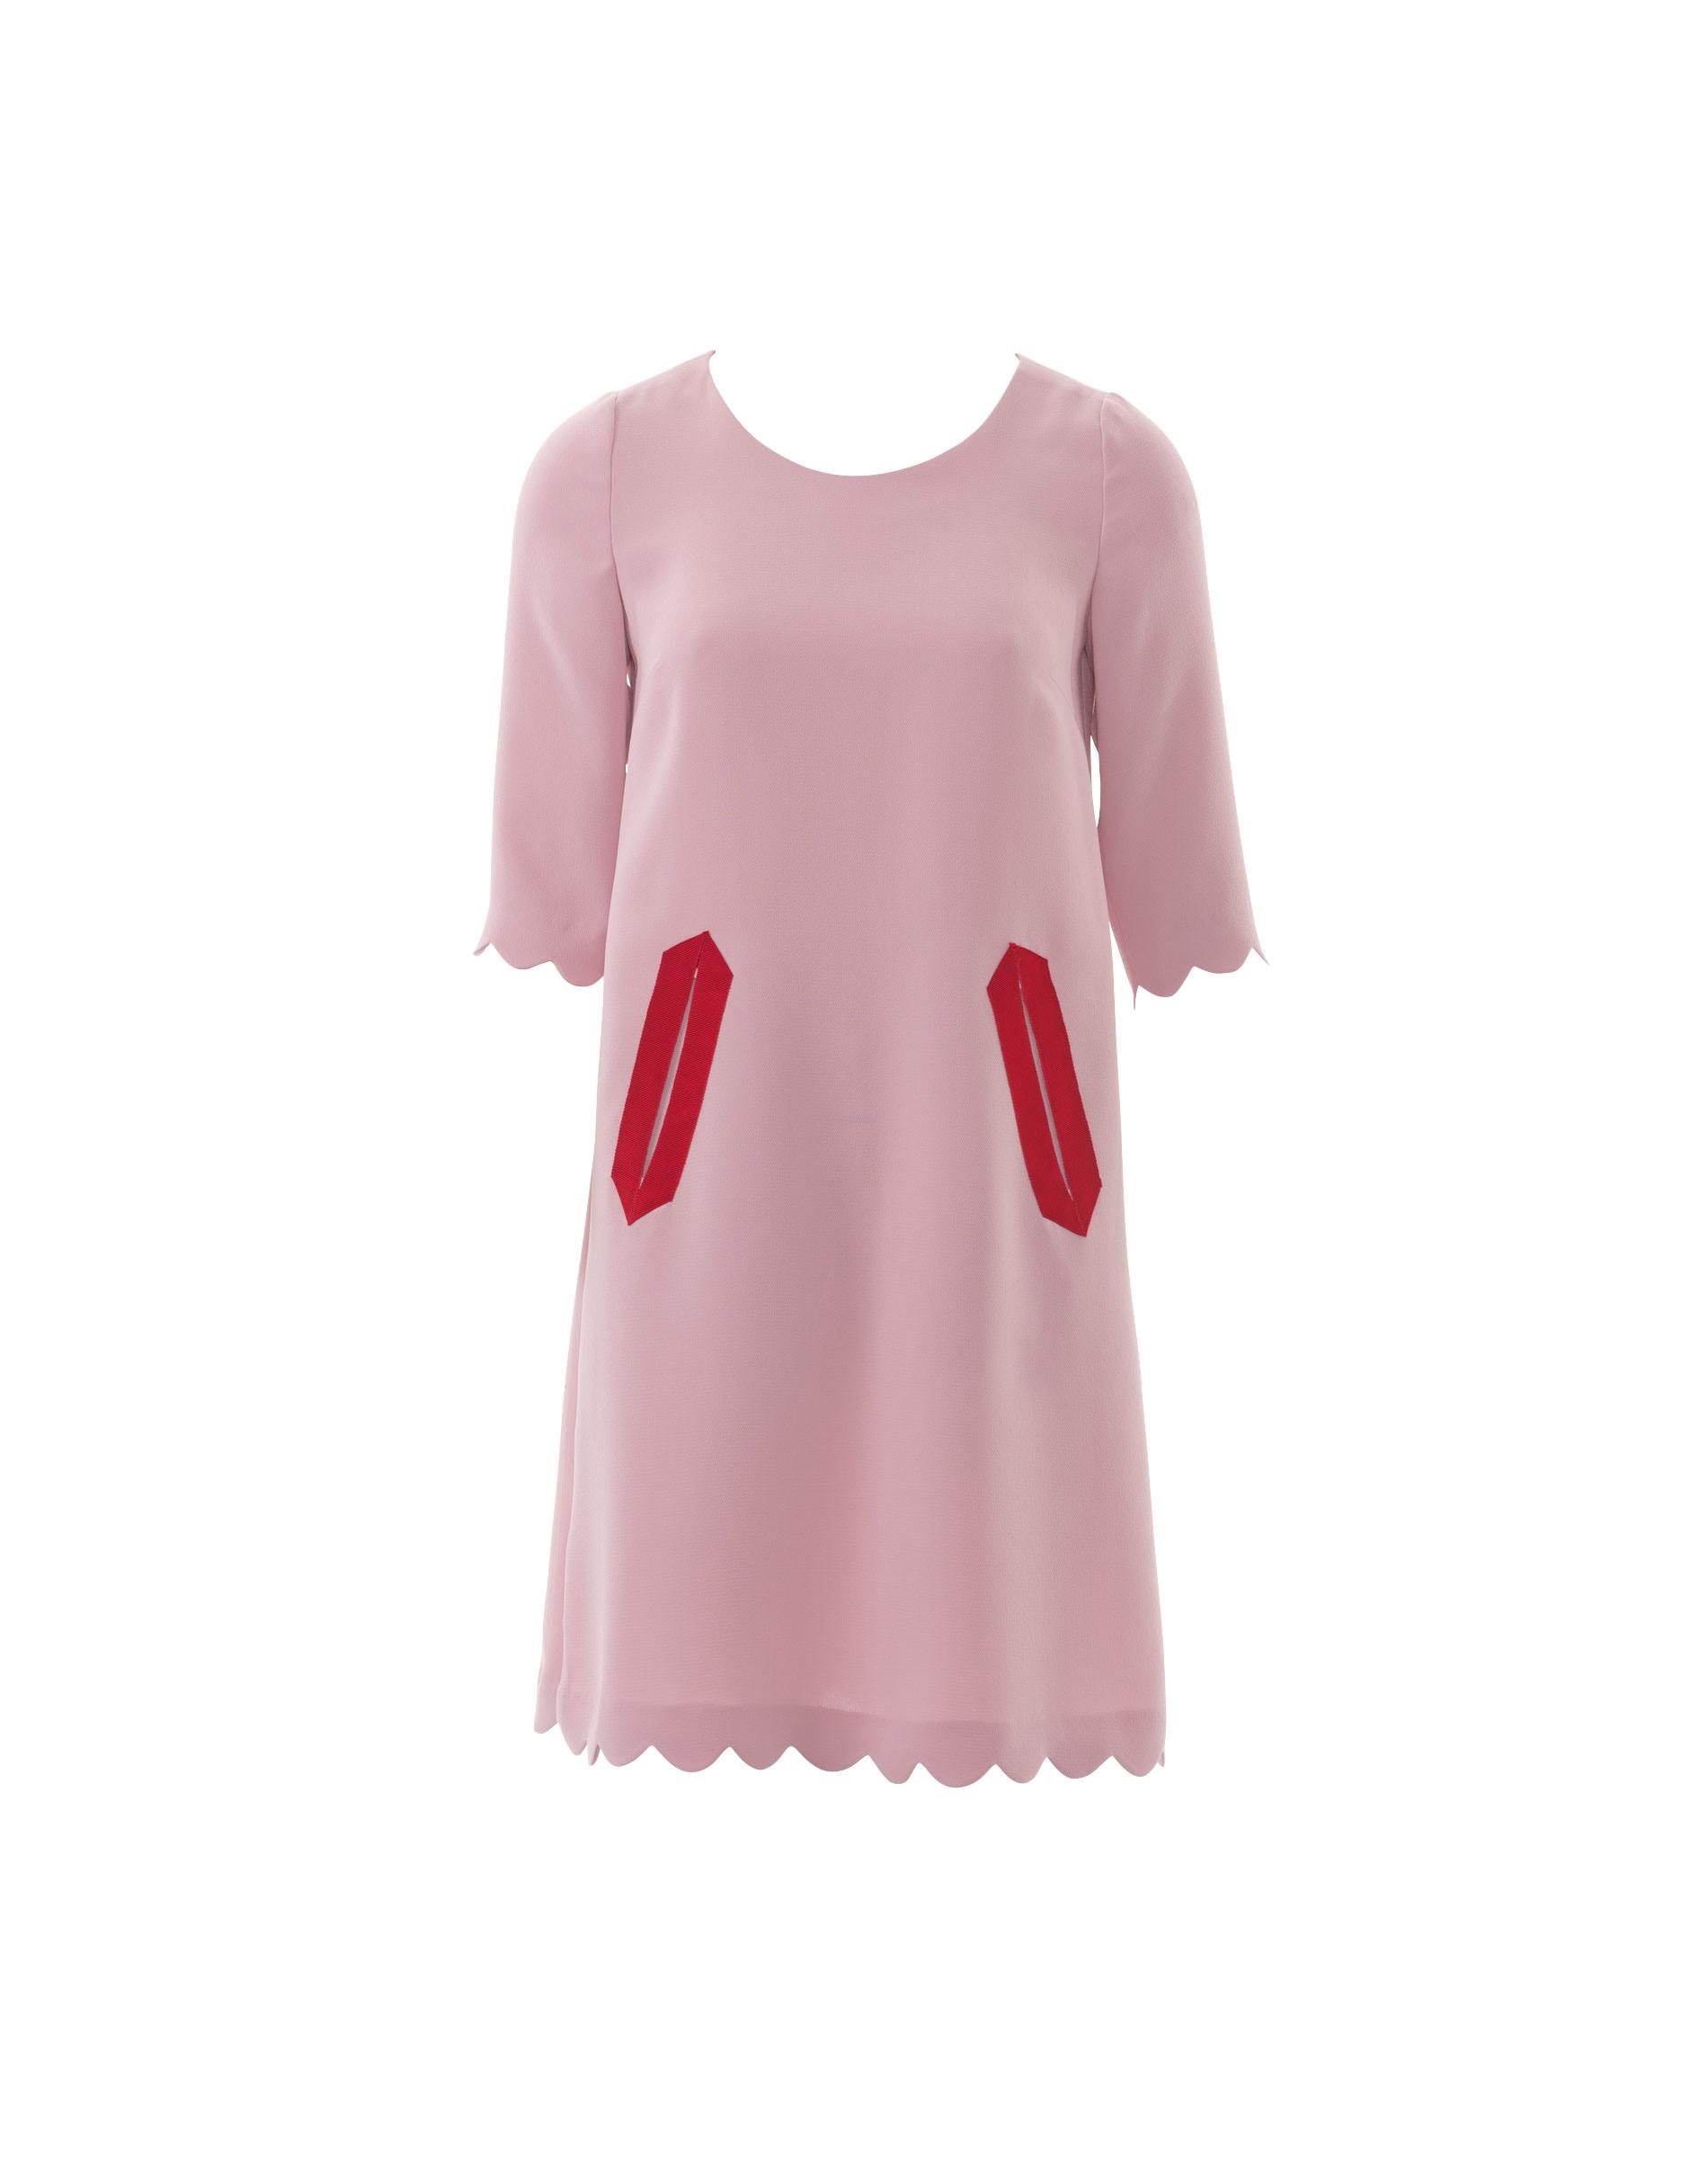 Выкройки платьев размеров 44